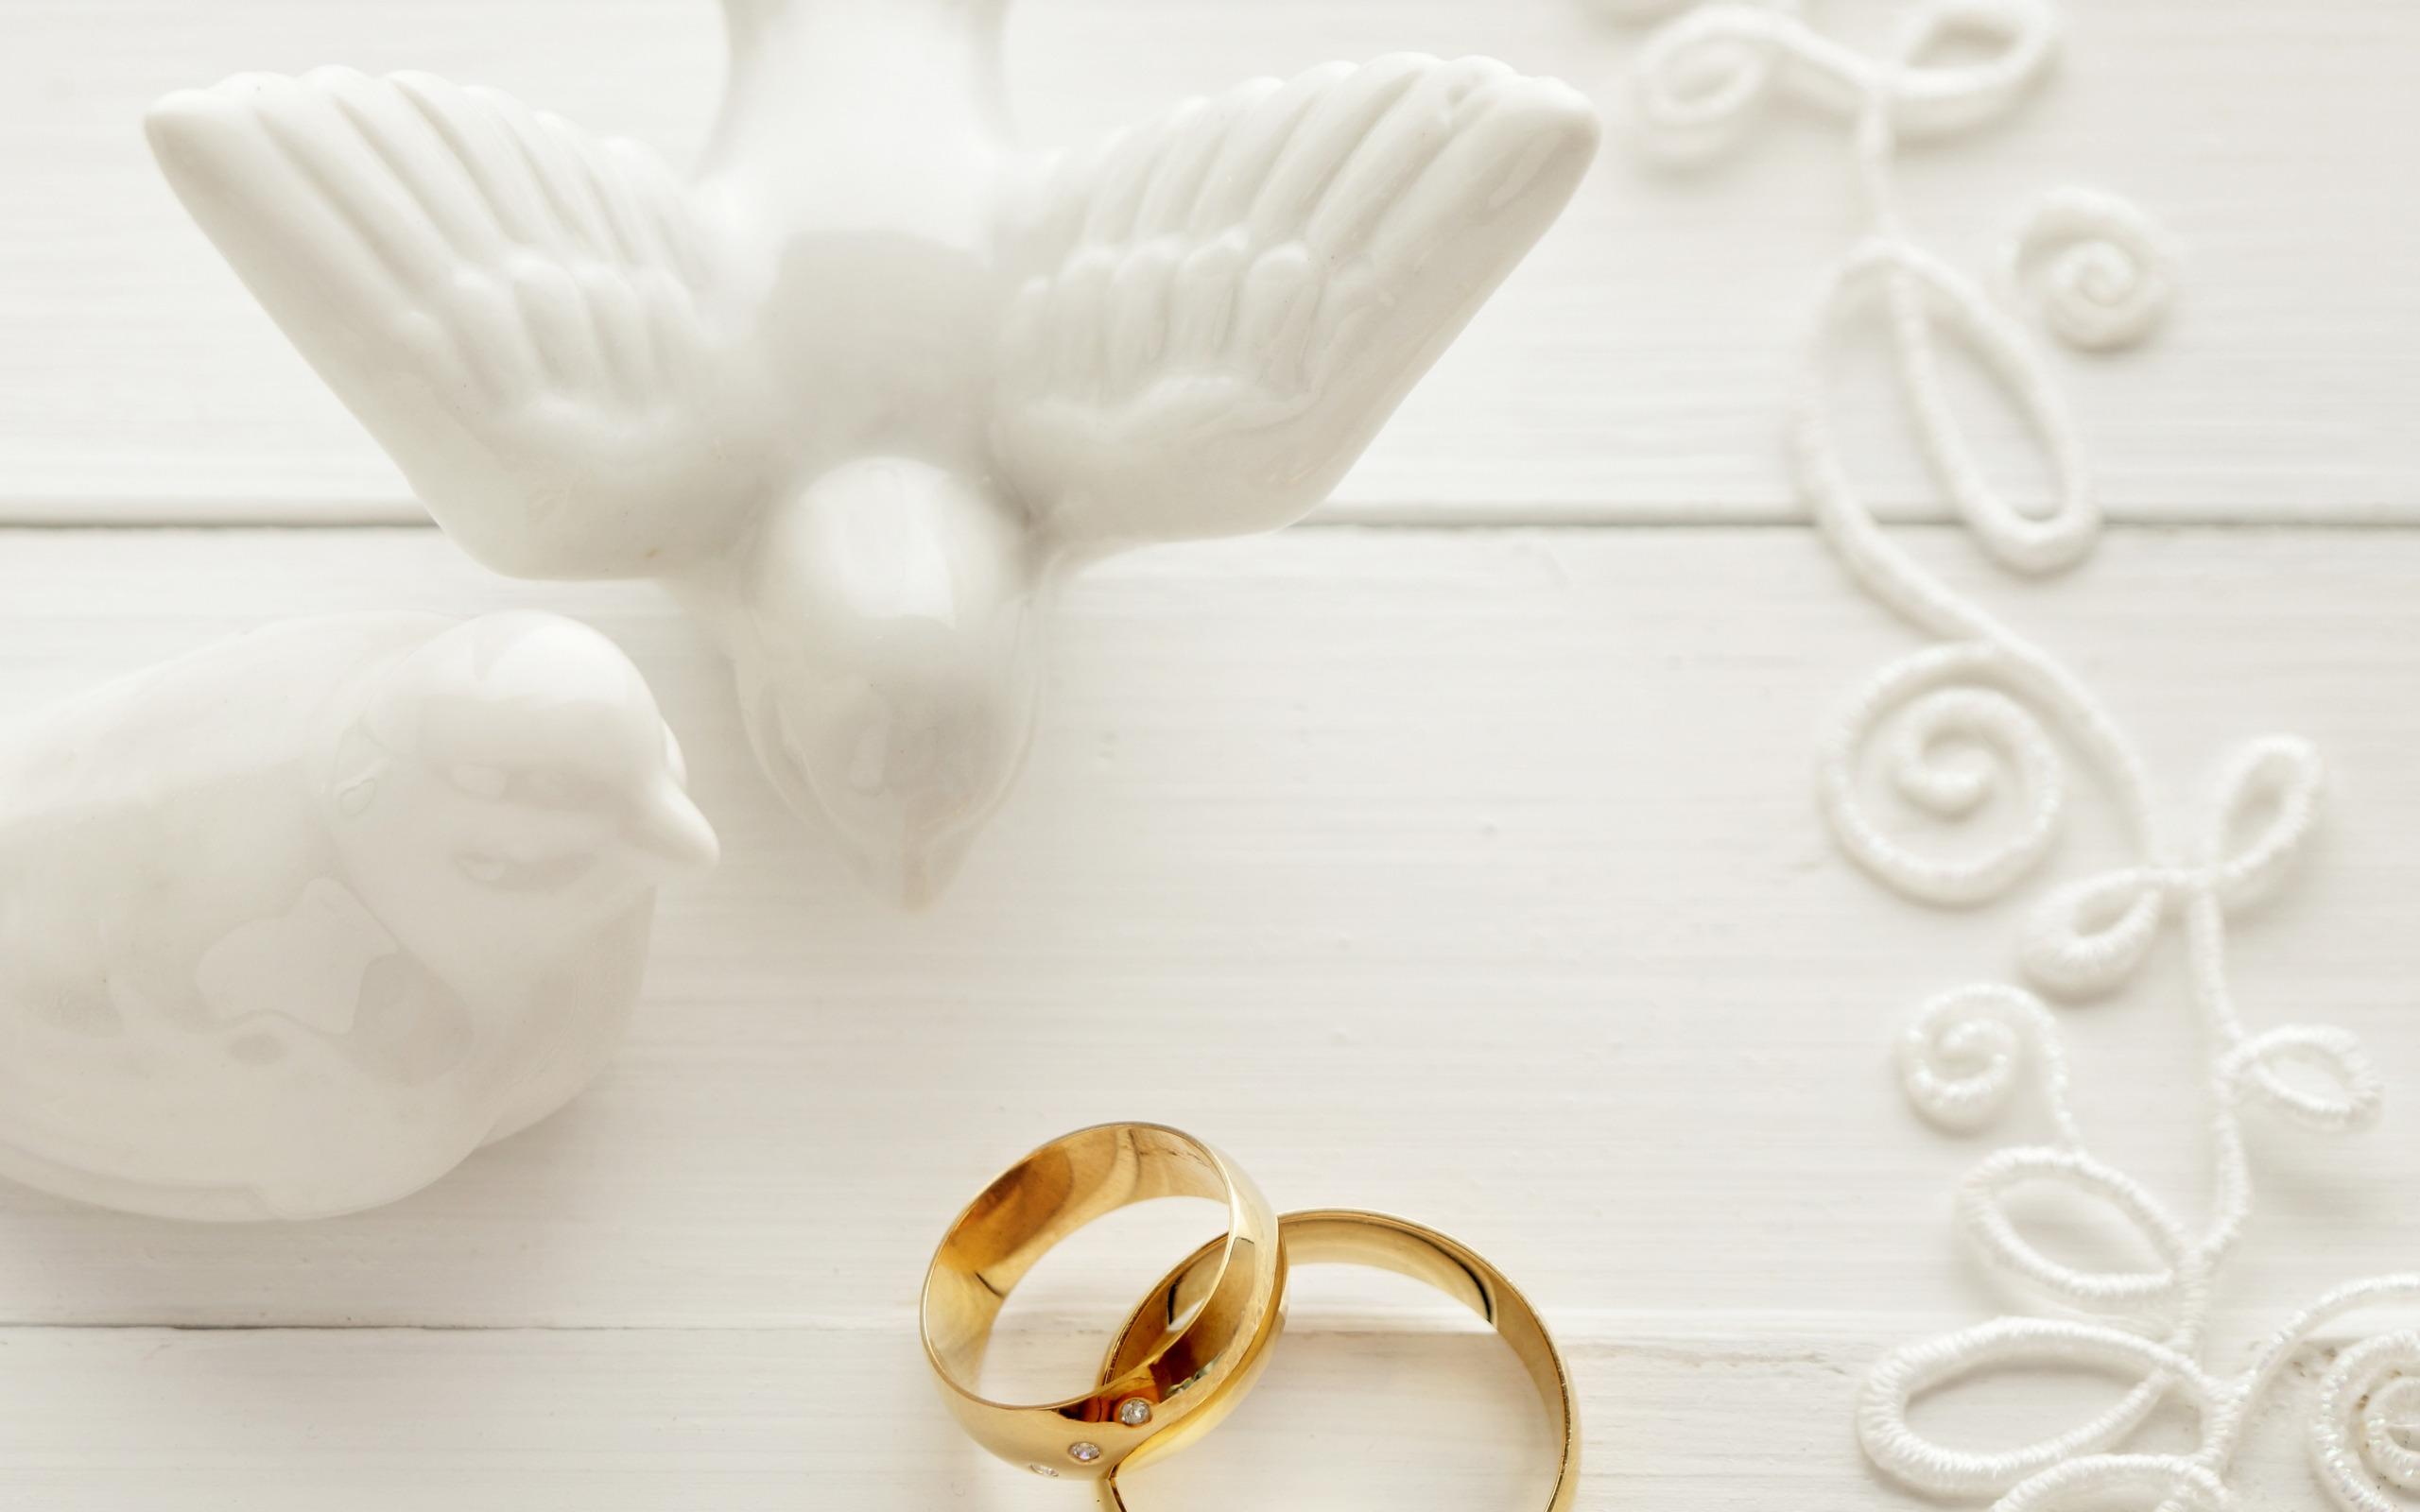 Картинки свадебные кольца и голуби в бело золотом цвете, год